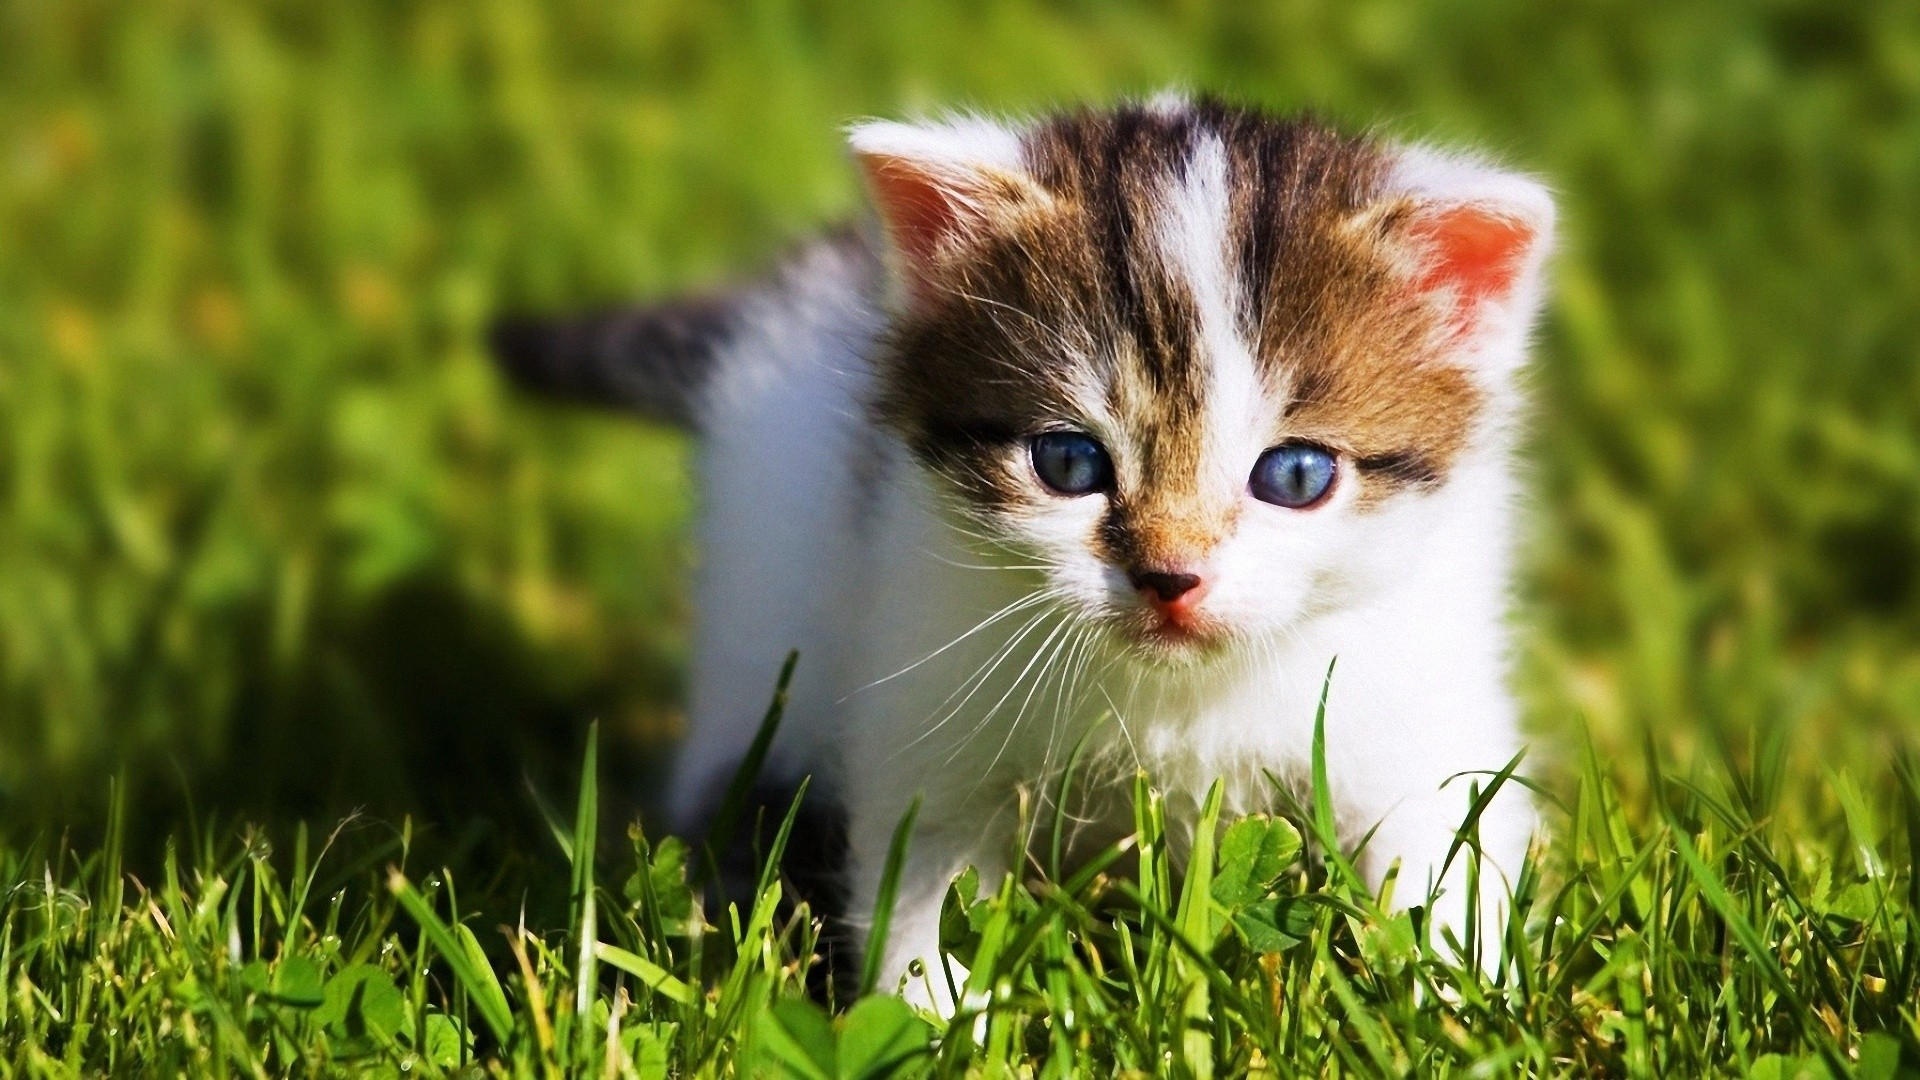 Cute Baby Cat Beautiful Baby HD Wallpaper